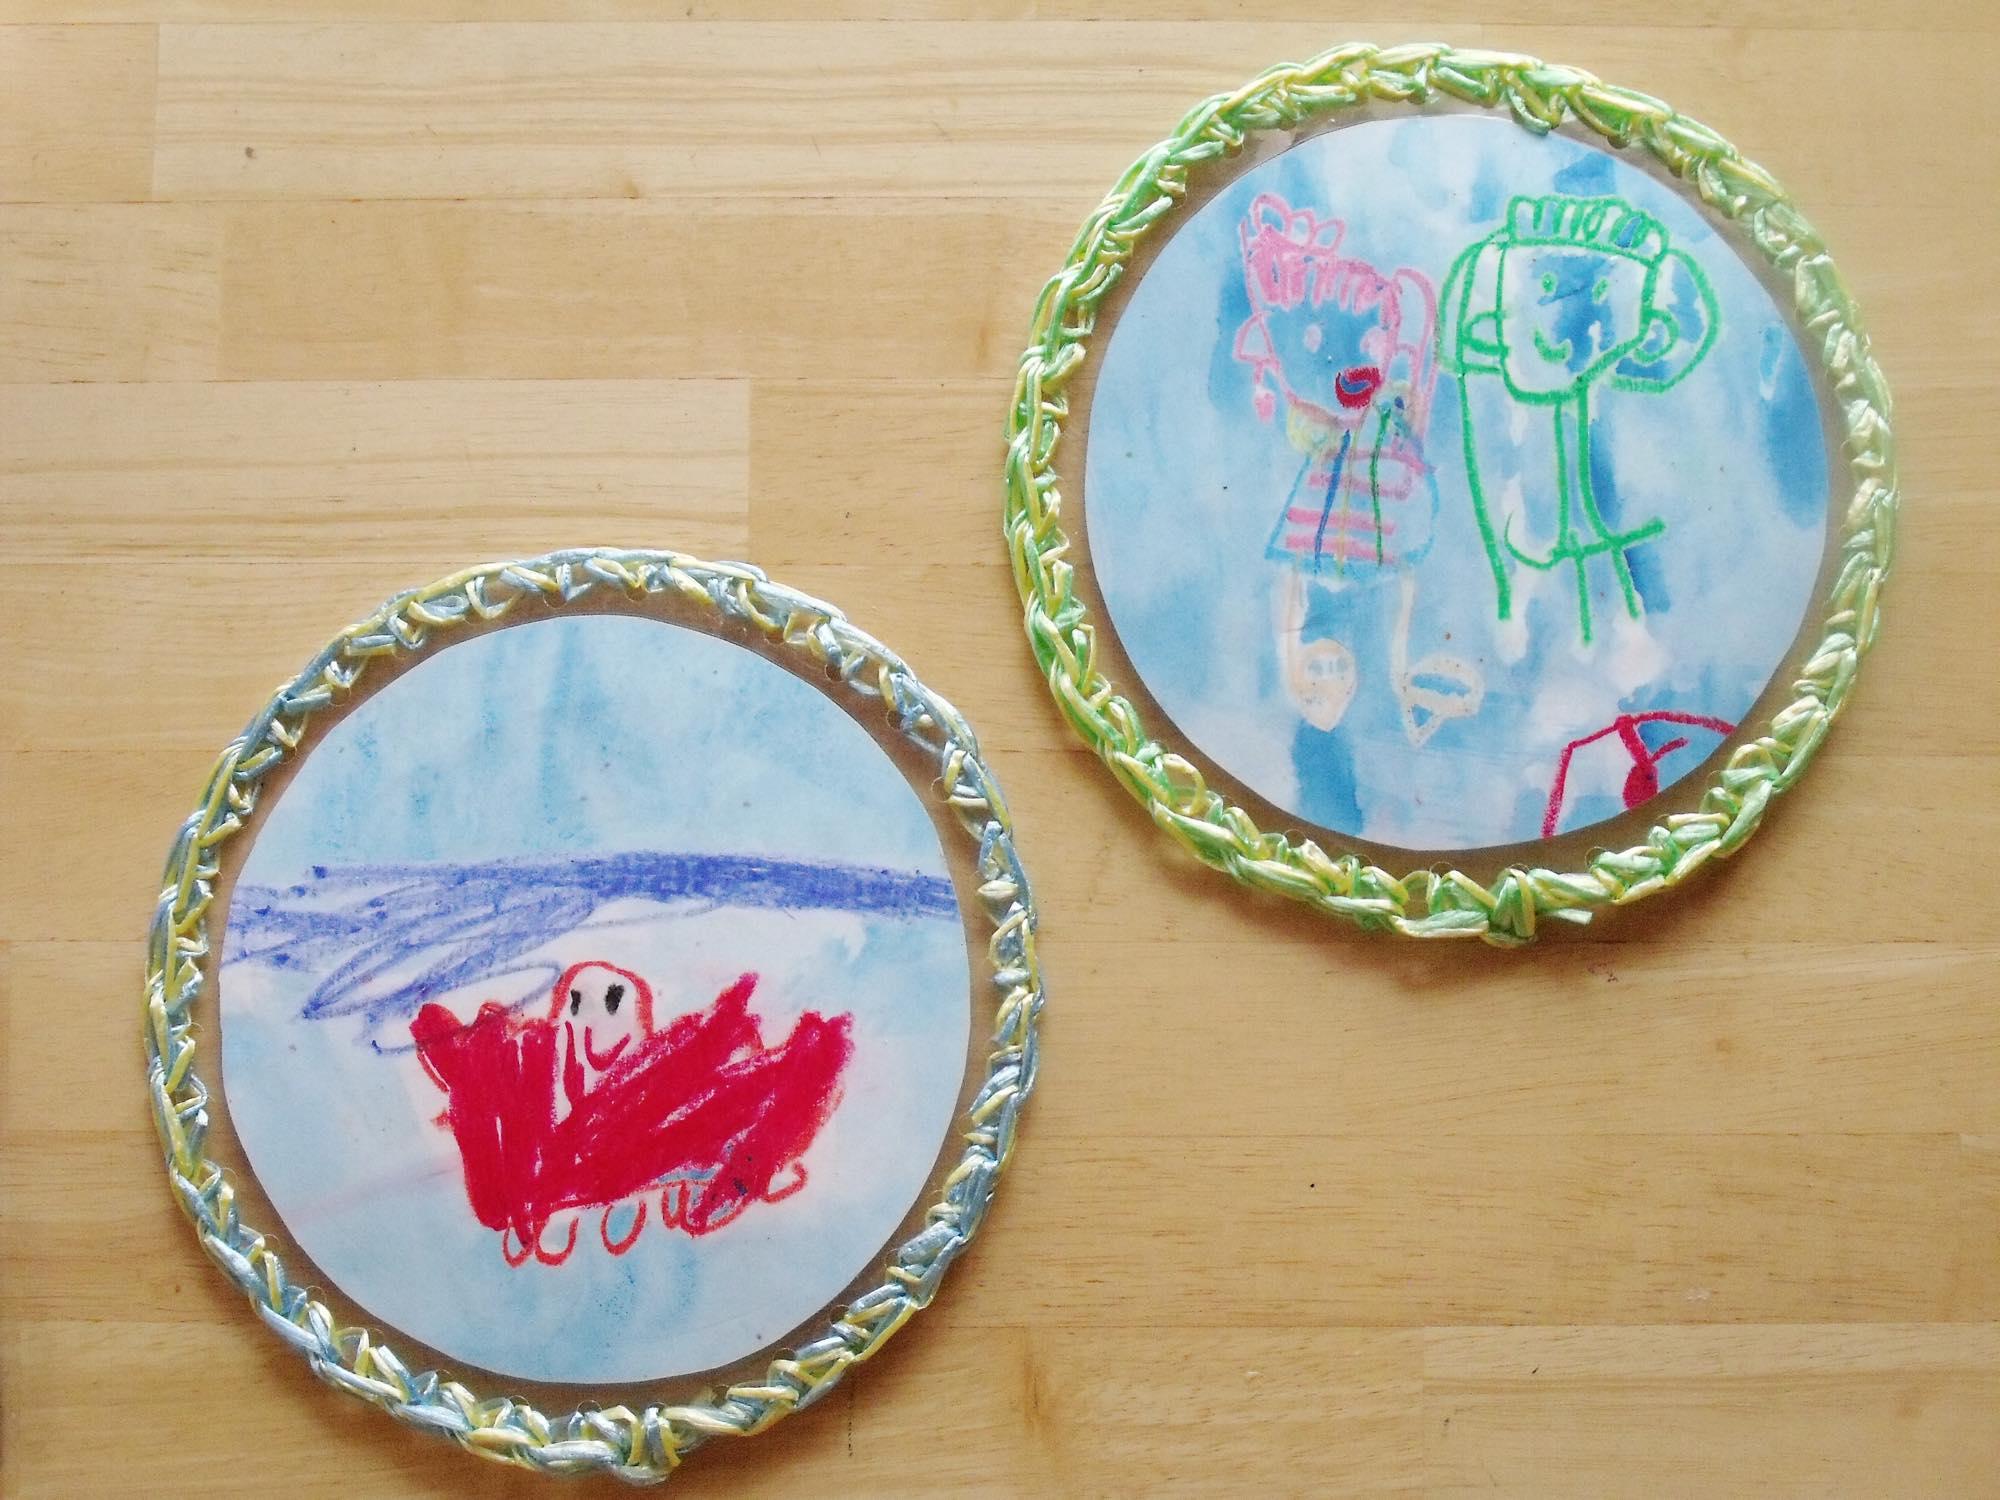 荷造り用ヒモでかみ編み。 キッズが描いた絵が、キッズが遊ぶけんけんぱにリメイク。